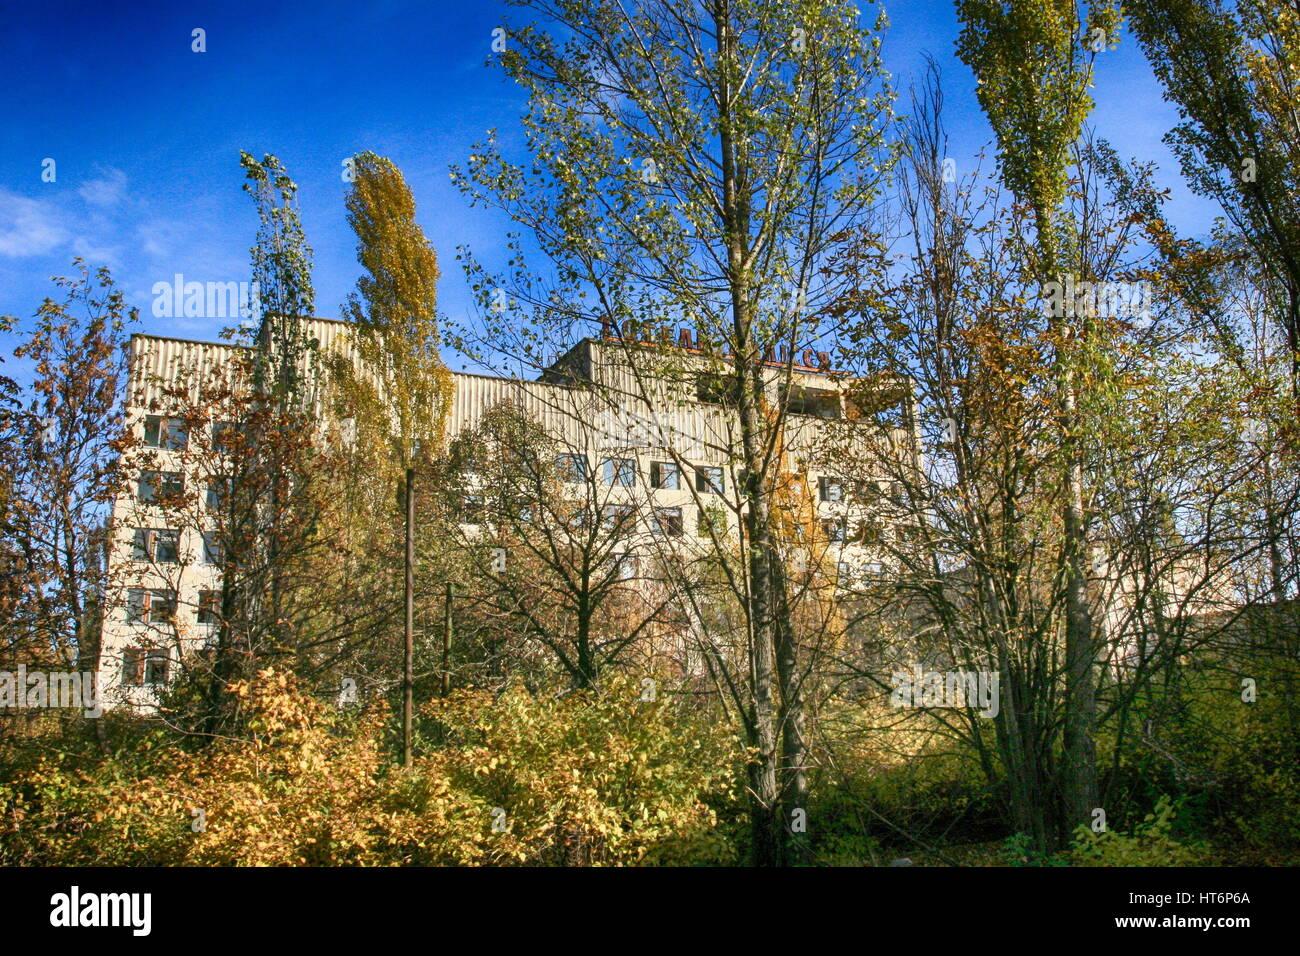 Chernobyl: Pripyat – abandoned building taken over by vegetation after disaster - Stock Image